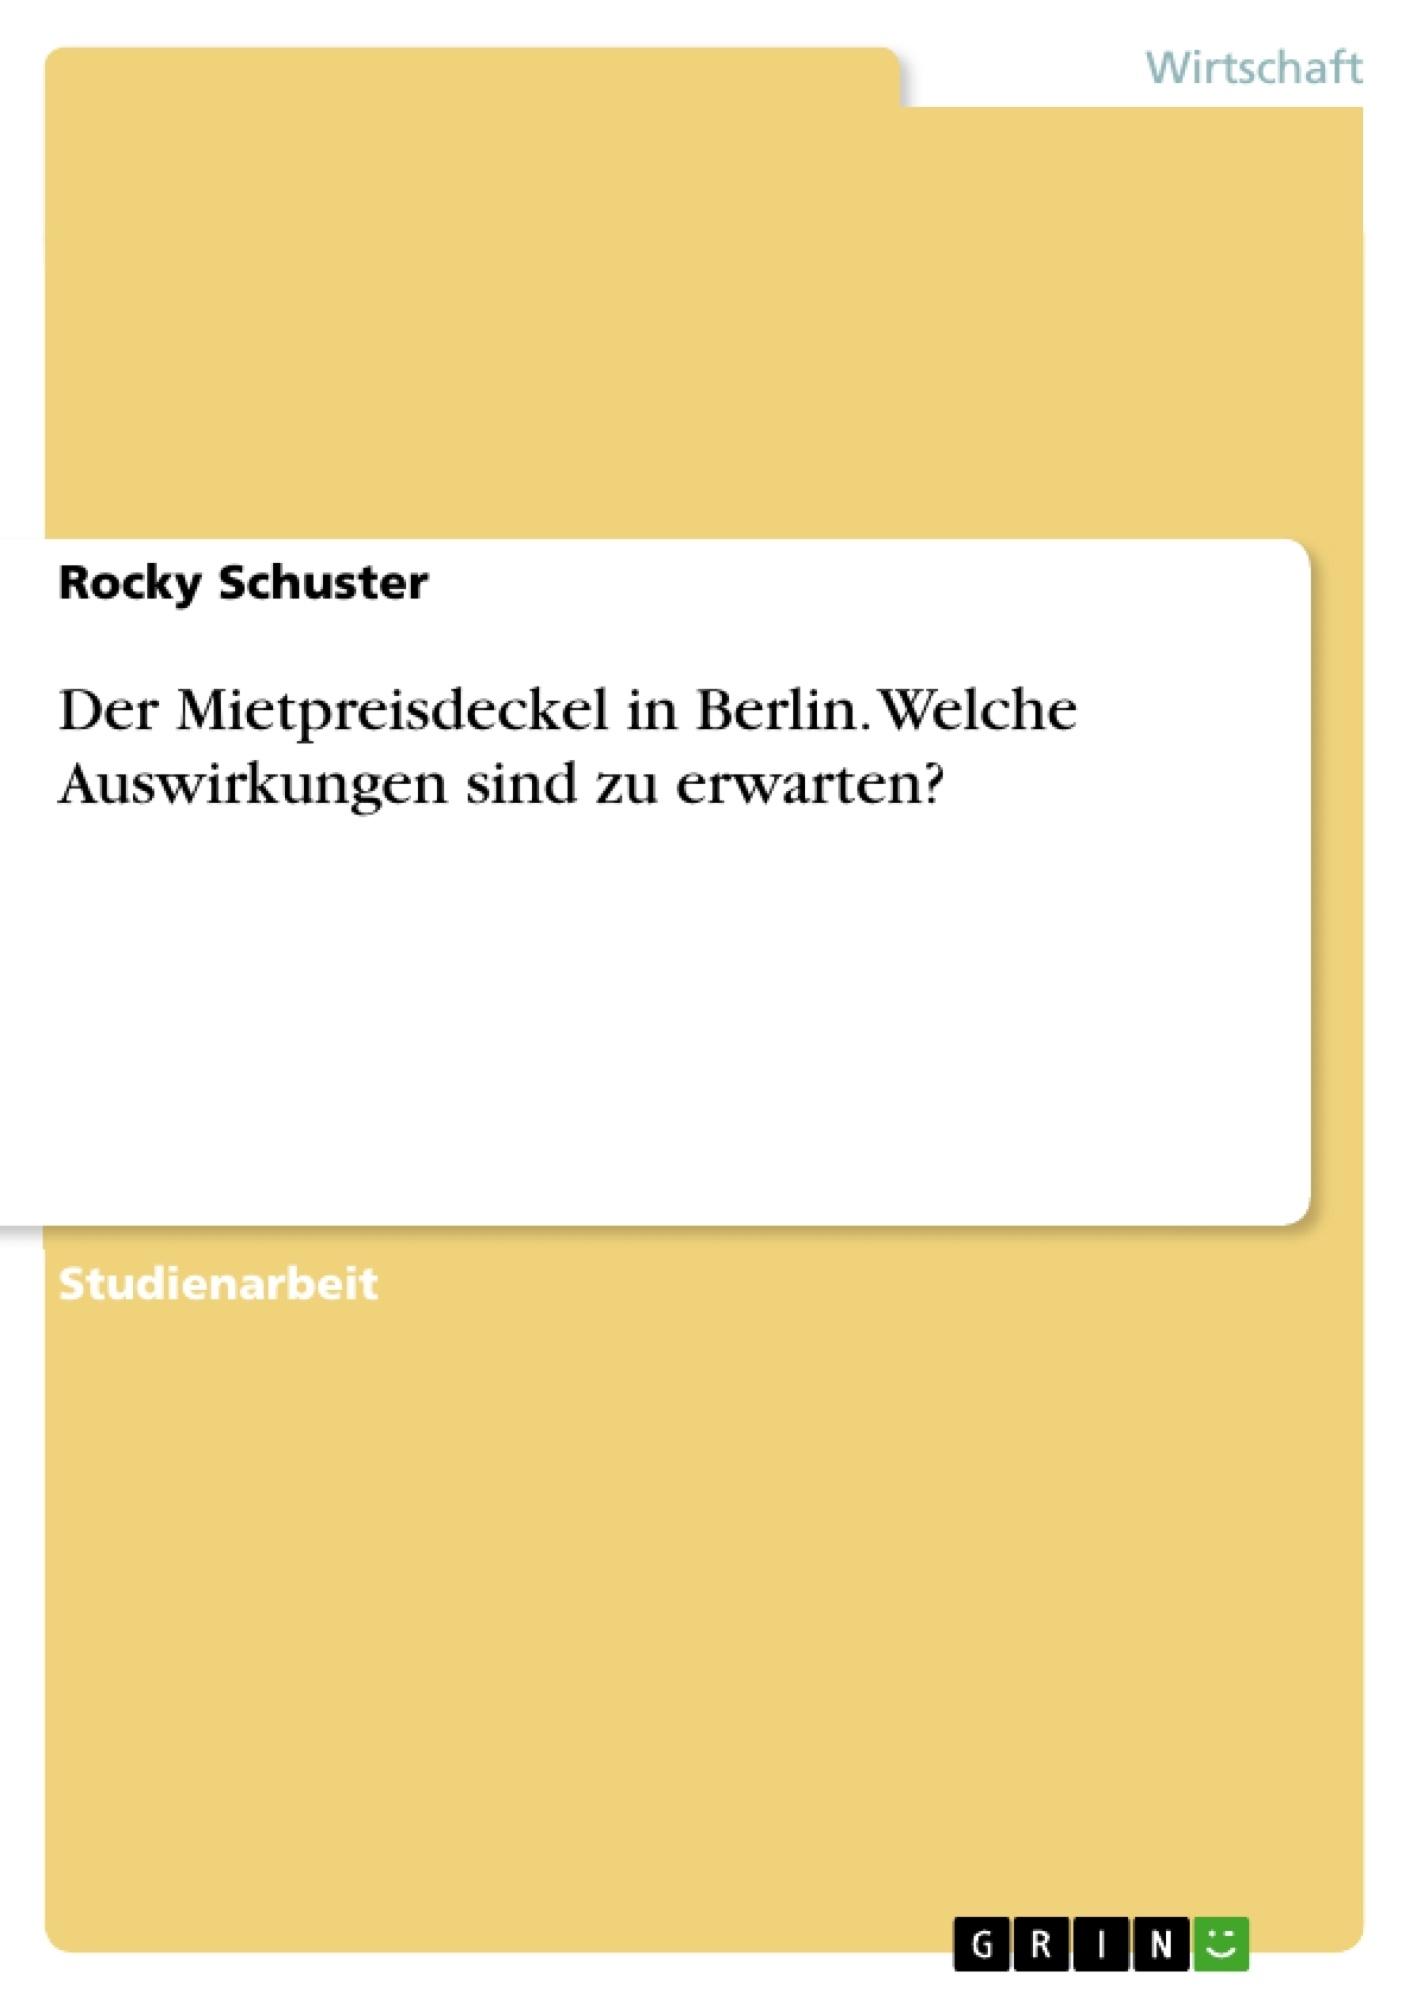 Titel: Der Mietpreisdeckel in Berlin. Welche Auswirkungen sind zu erwarten?